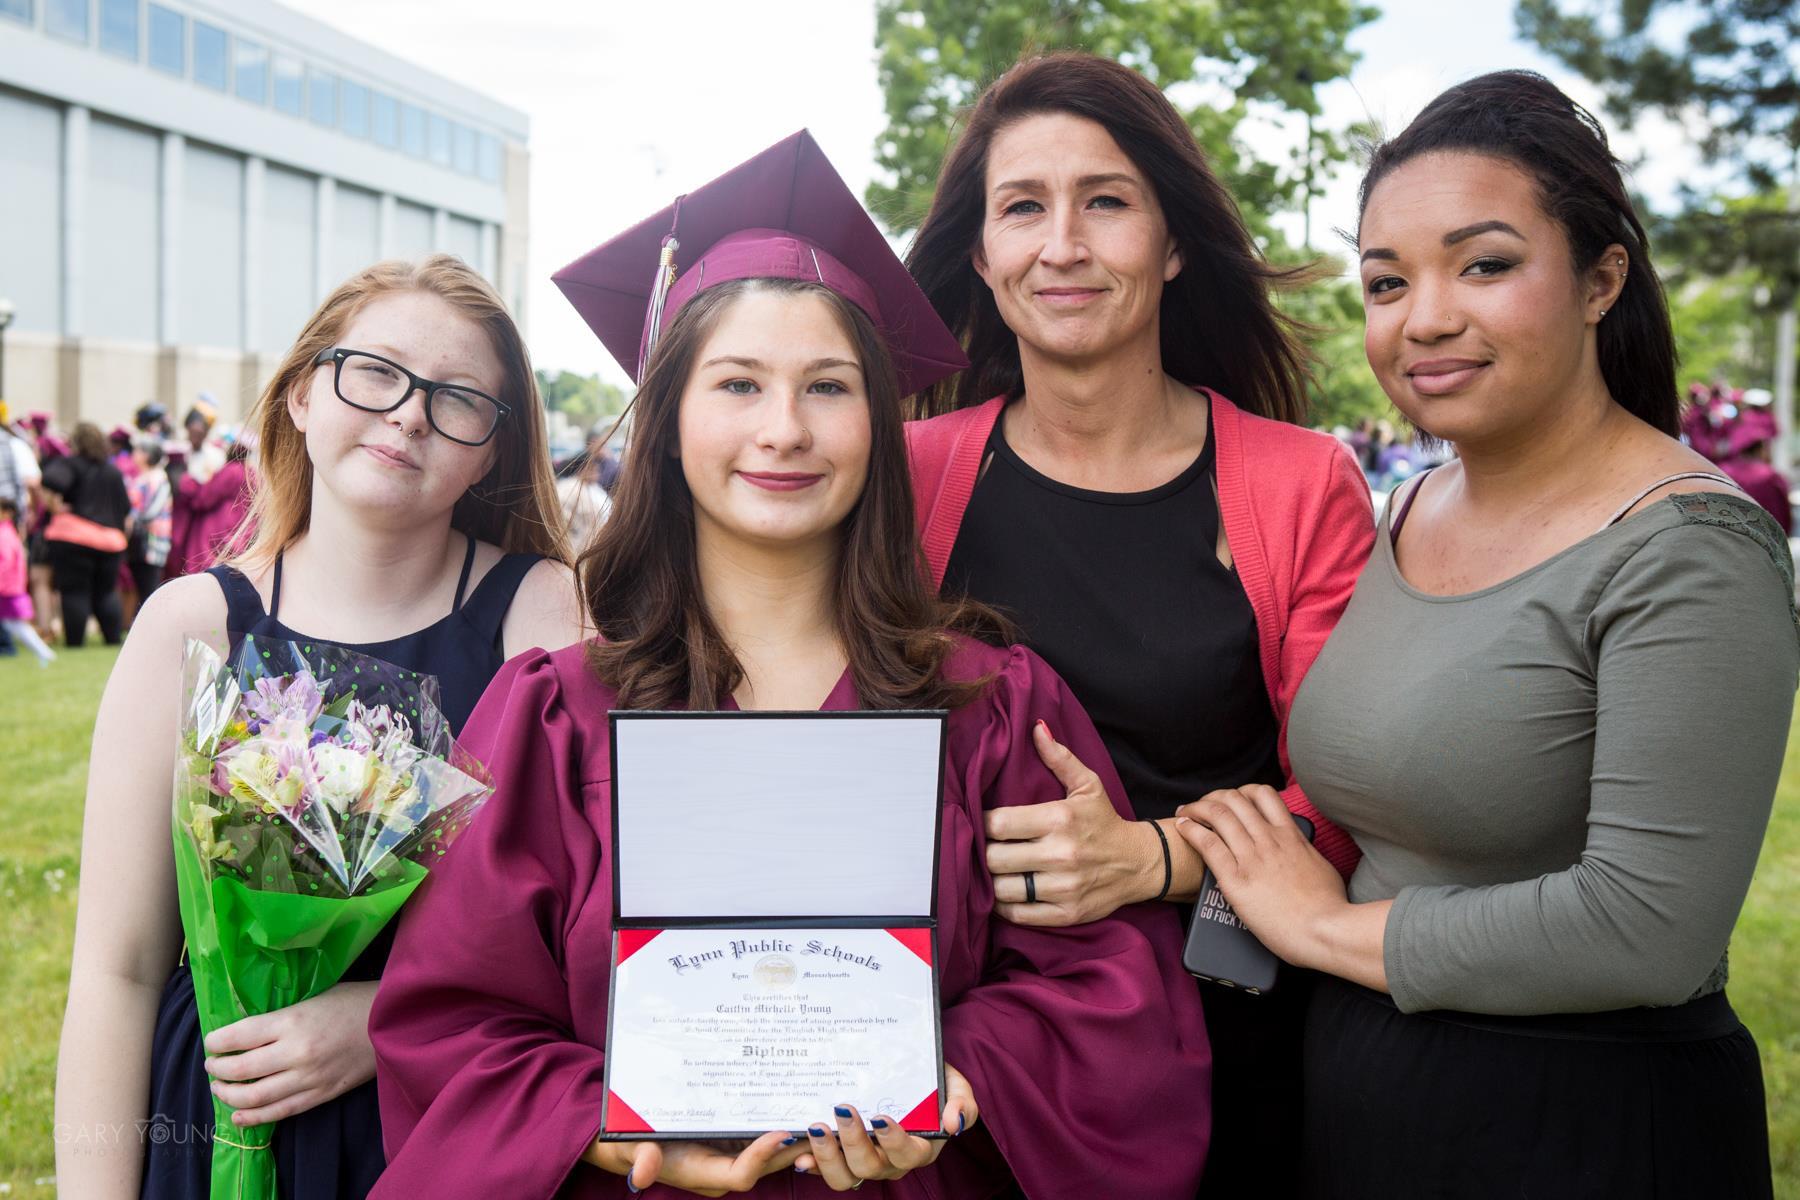 Caitlin Graduation.jpg